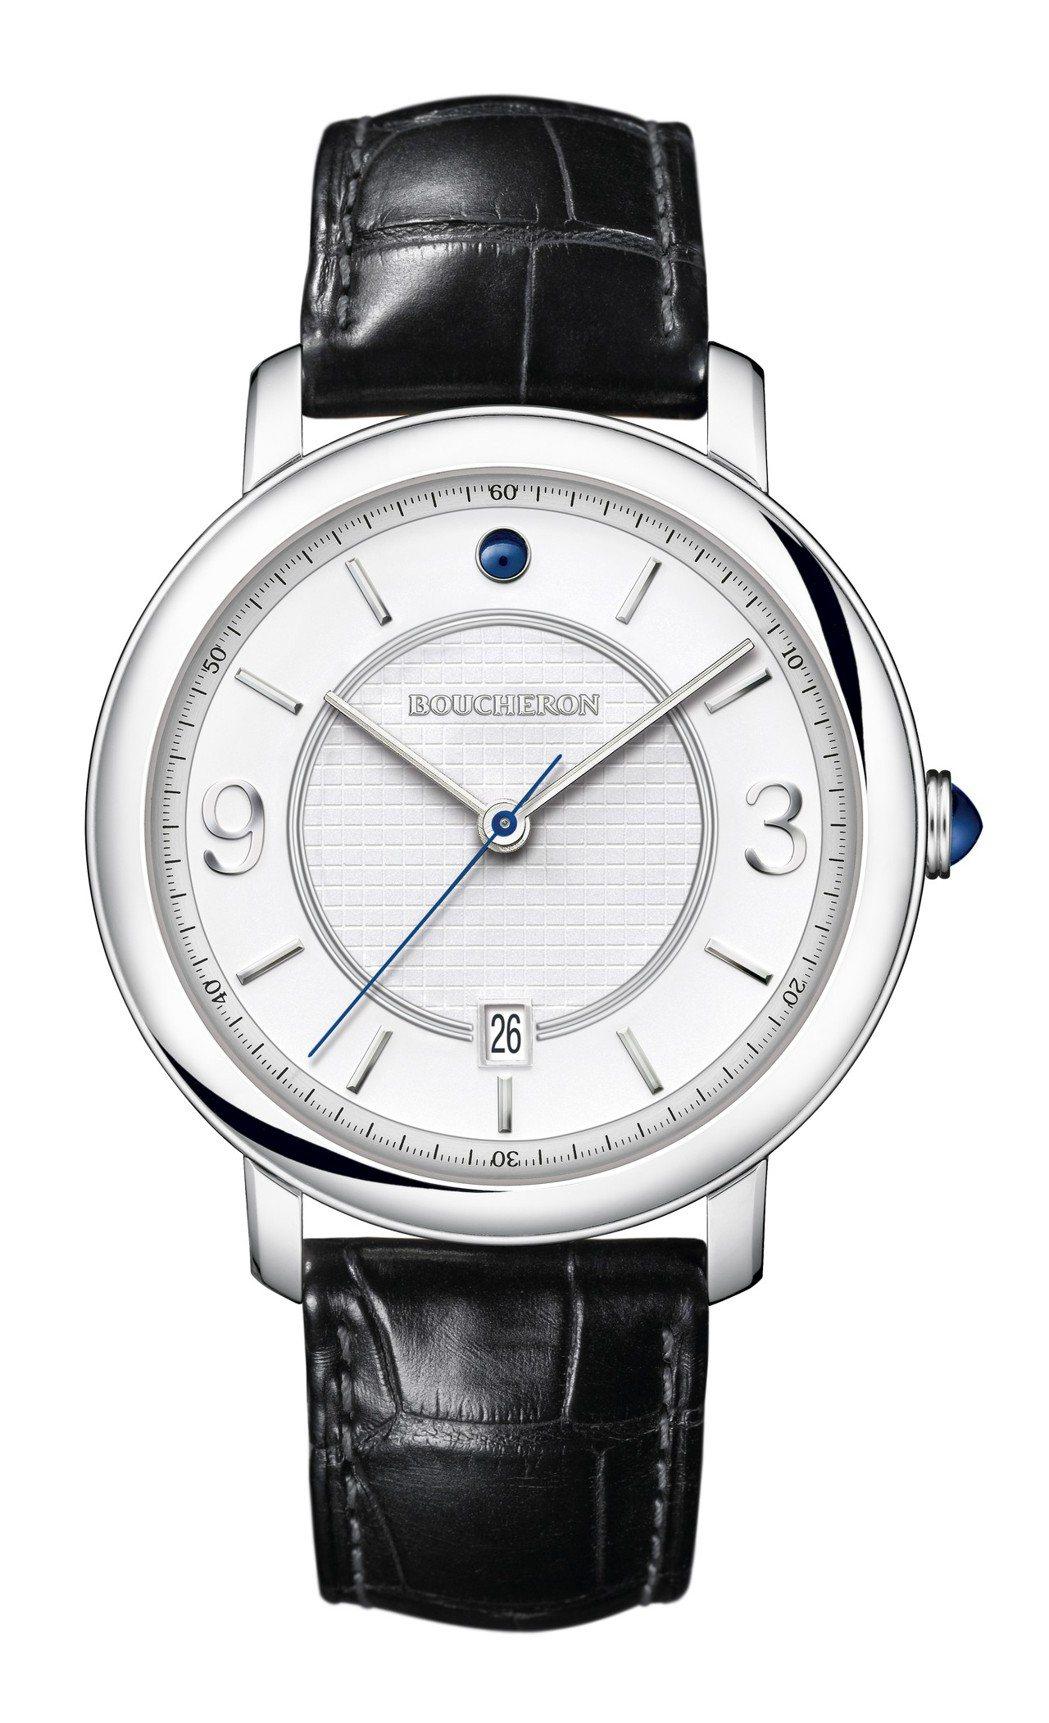 寶詩龍Epure 42毫米不鏽鋼腕表,16萬4,000元。圖/寶詩龍提供